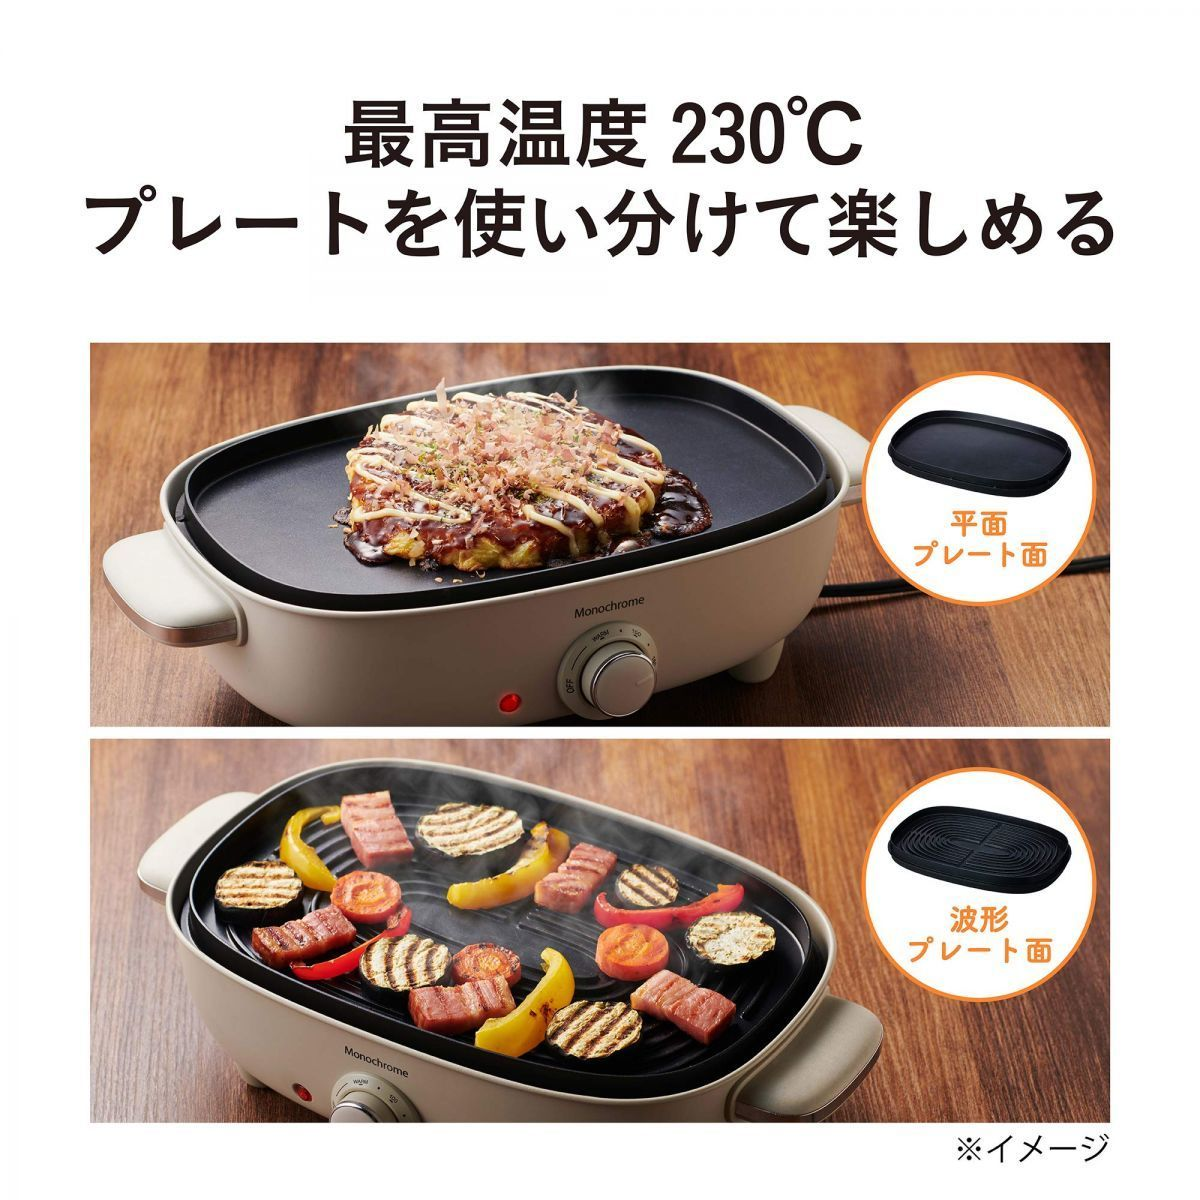 【新品】 ホットプレート お好み焼き 焼肉 平面 波型 リバーシブル プレート 蓋付き ホワイト  Y6239Z1CP1815_画像3